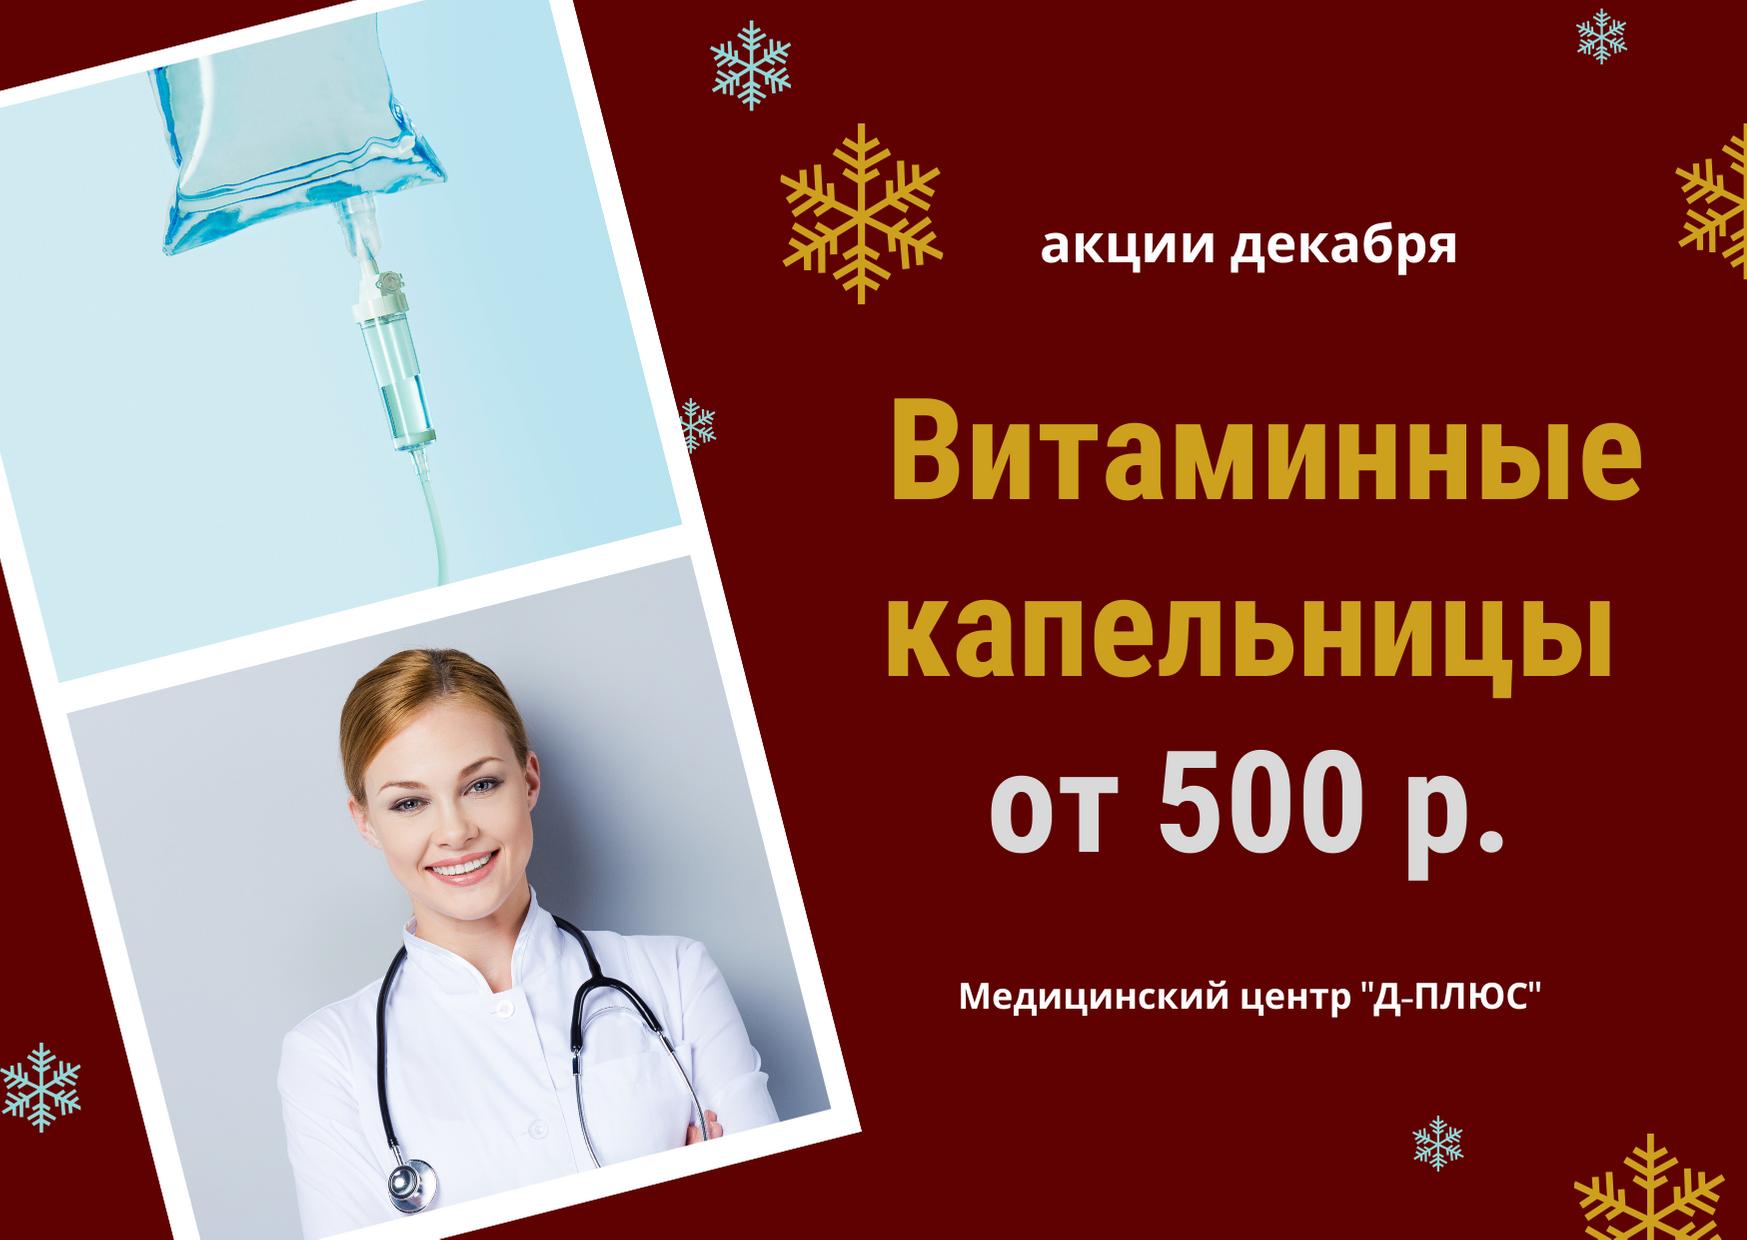 Капельницы для восстановления здоровья от 500 р.